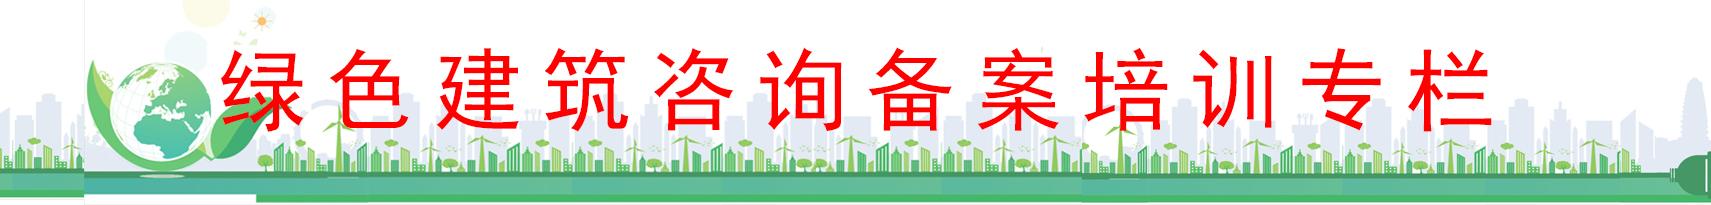 广东省绿色建筑咨询备案培训专栏